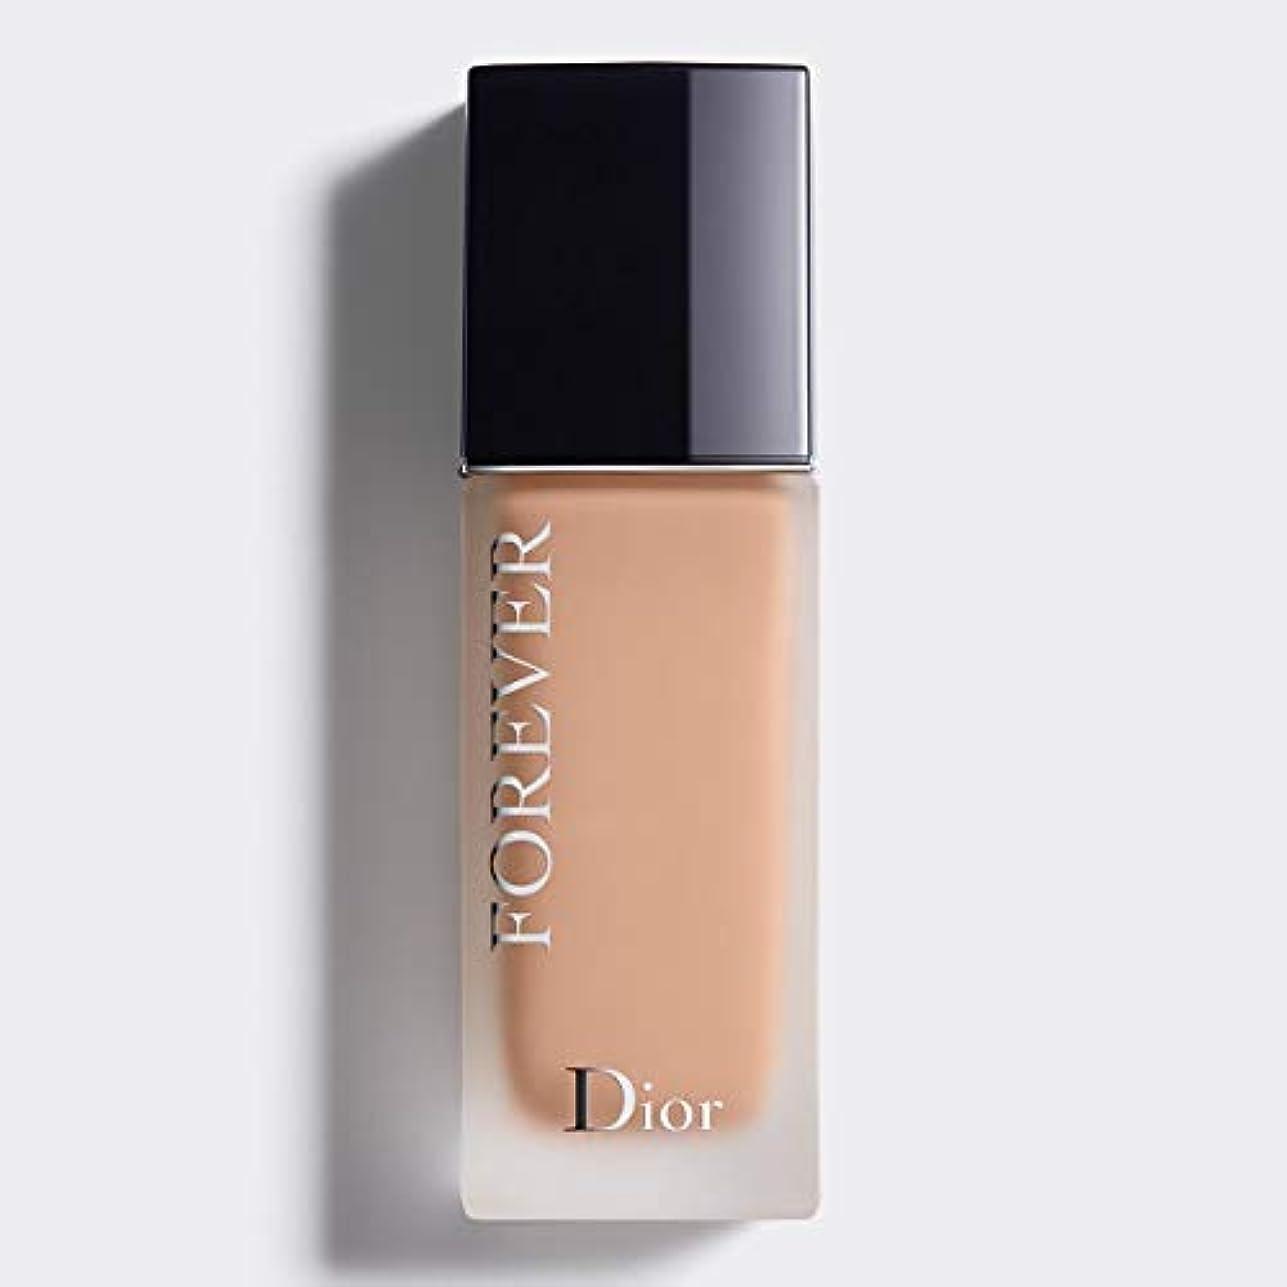 異常なスクラブ地雷原クリスチャンディオール Dior Forever 24H Wear High Perfection Foundation SPF 35 - # 3CR (Cool Rosy) 30ml/1oz並行輸入品